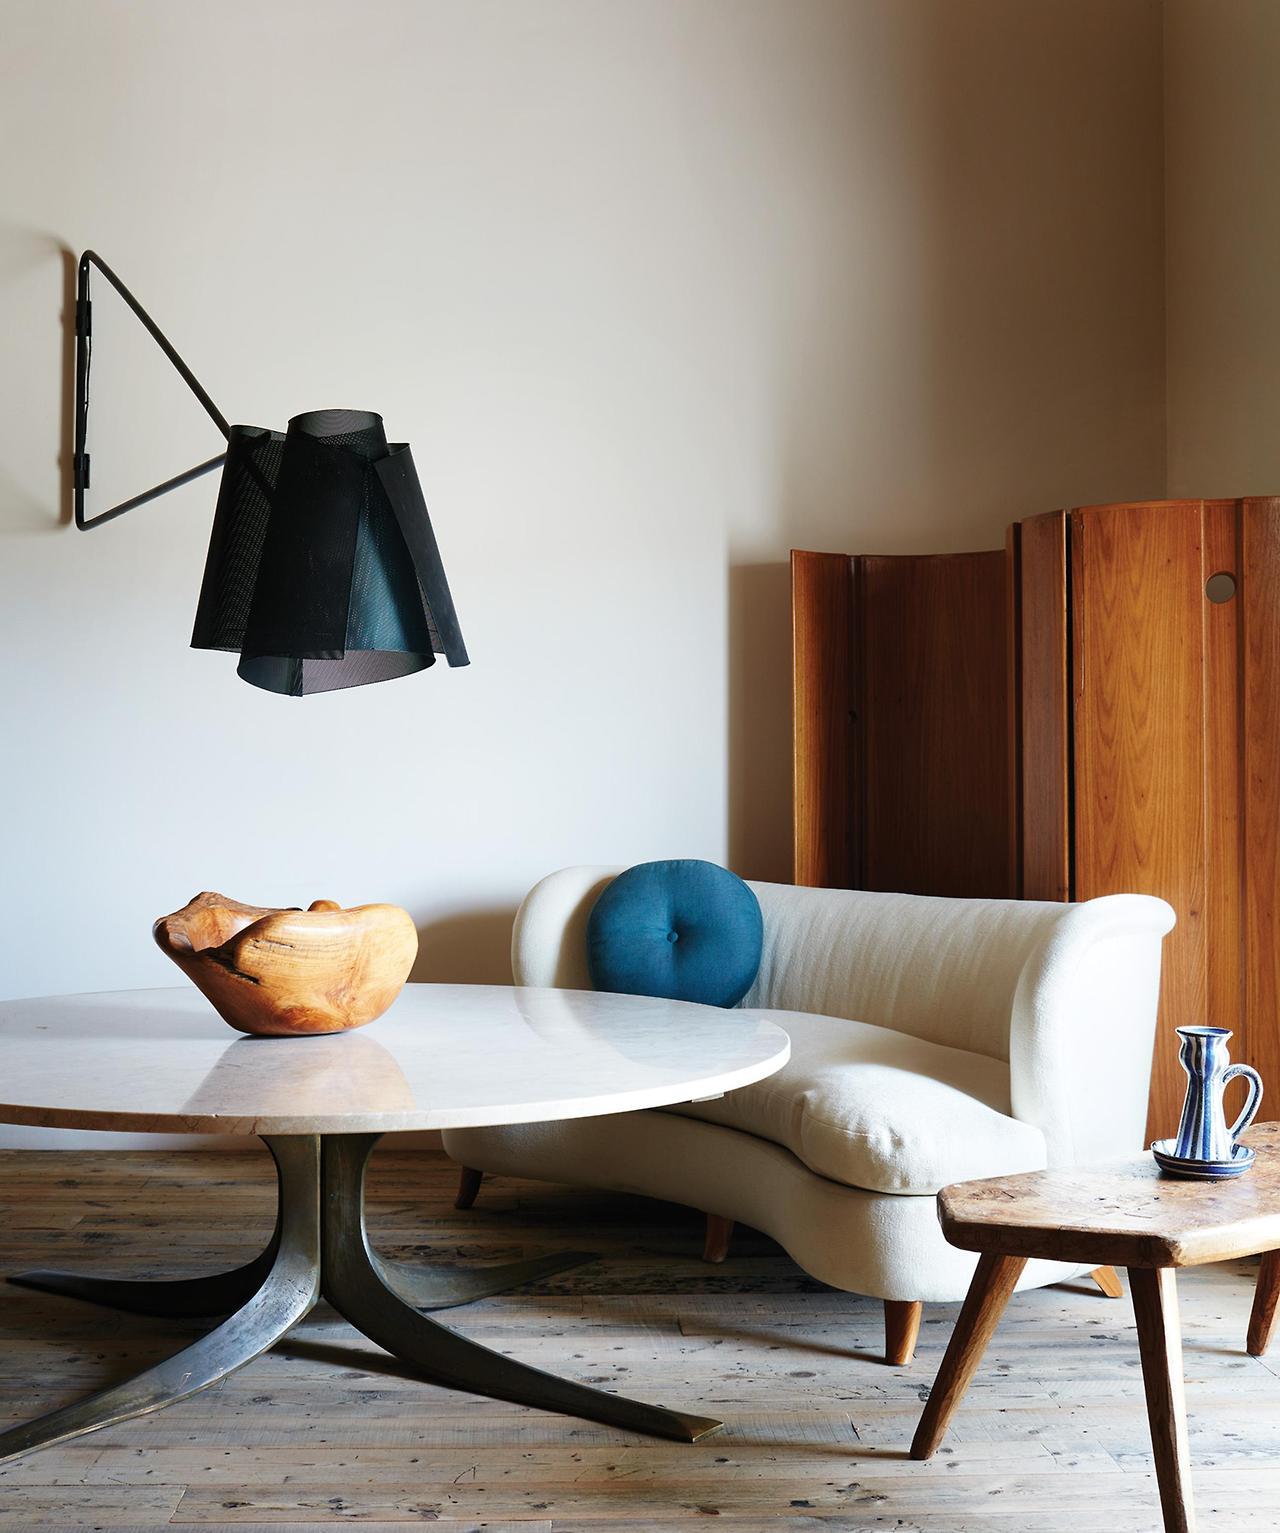 Home design exterieur und interieur sabon home  intérieur et extérieur  pinterest